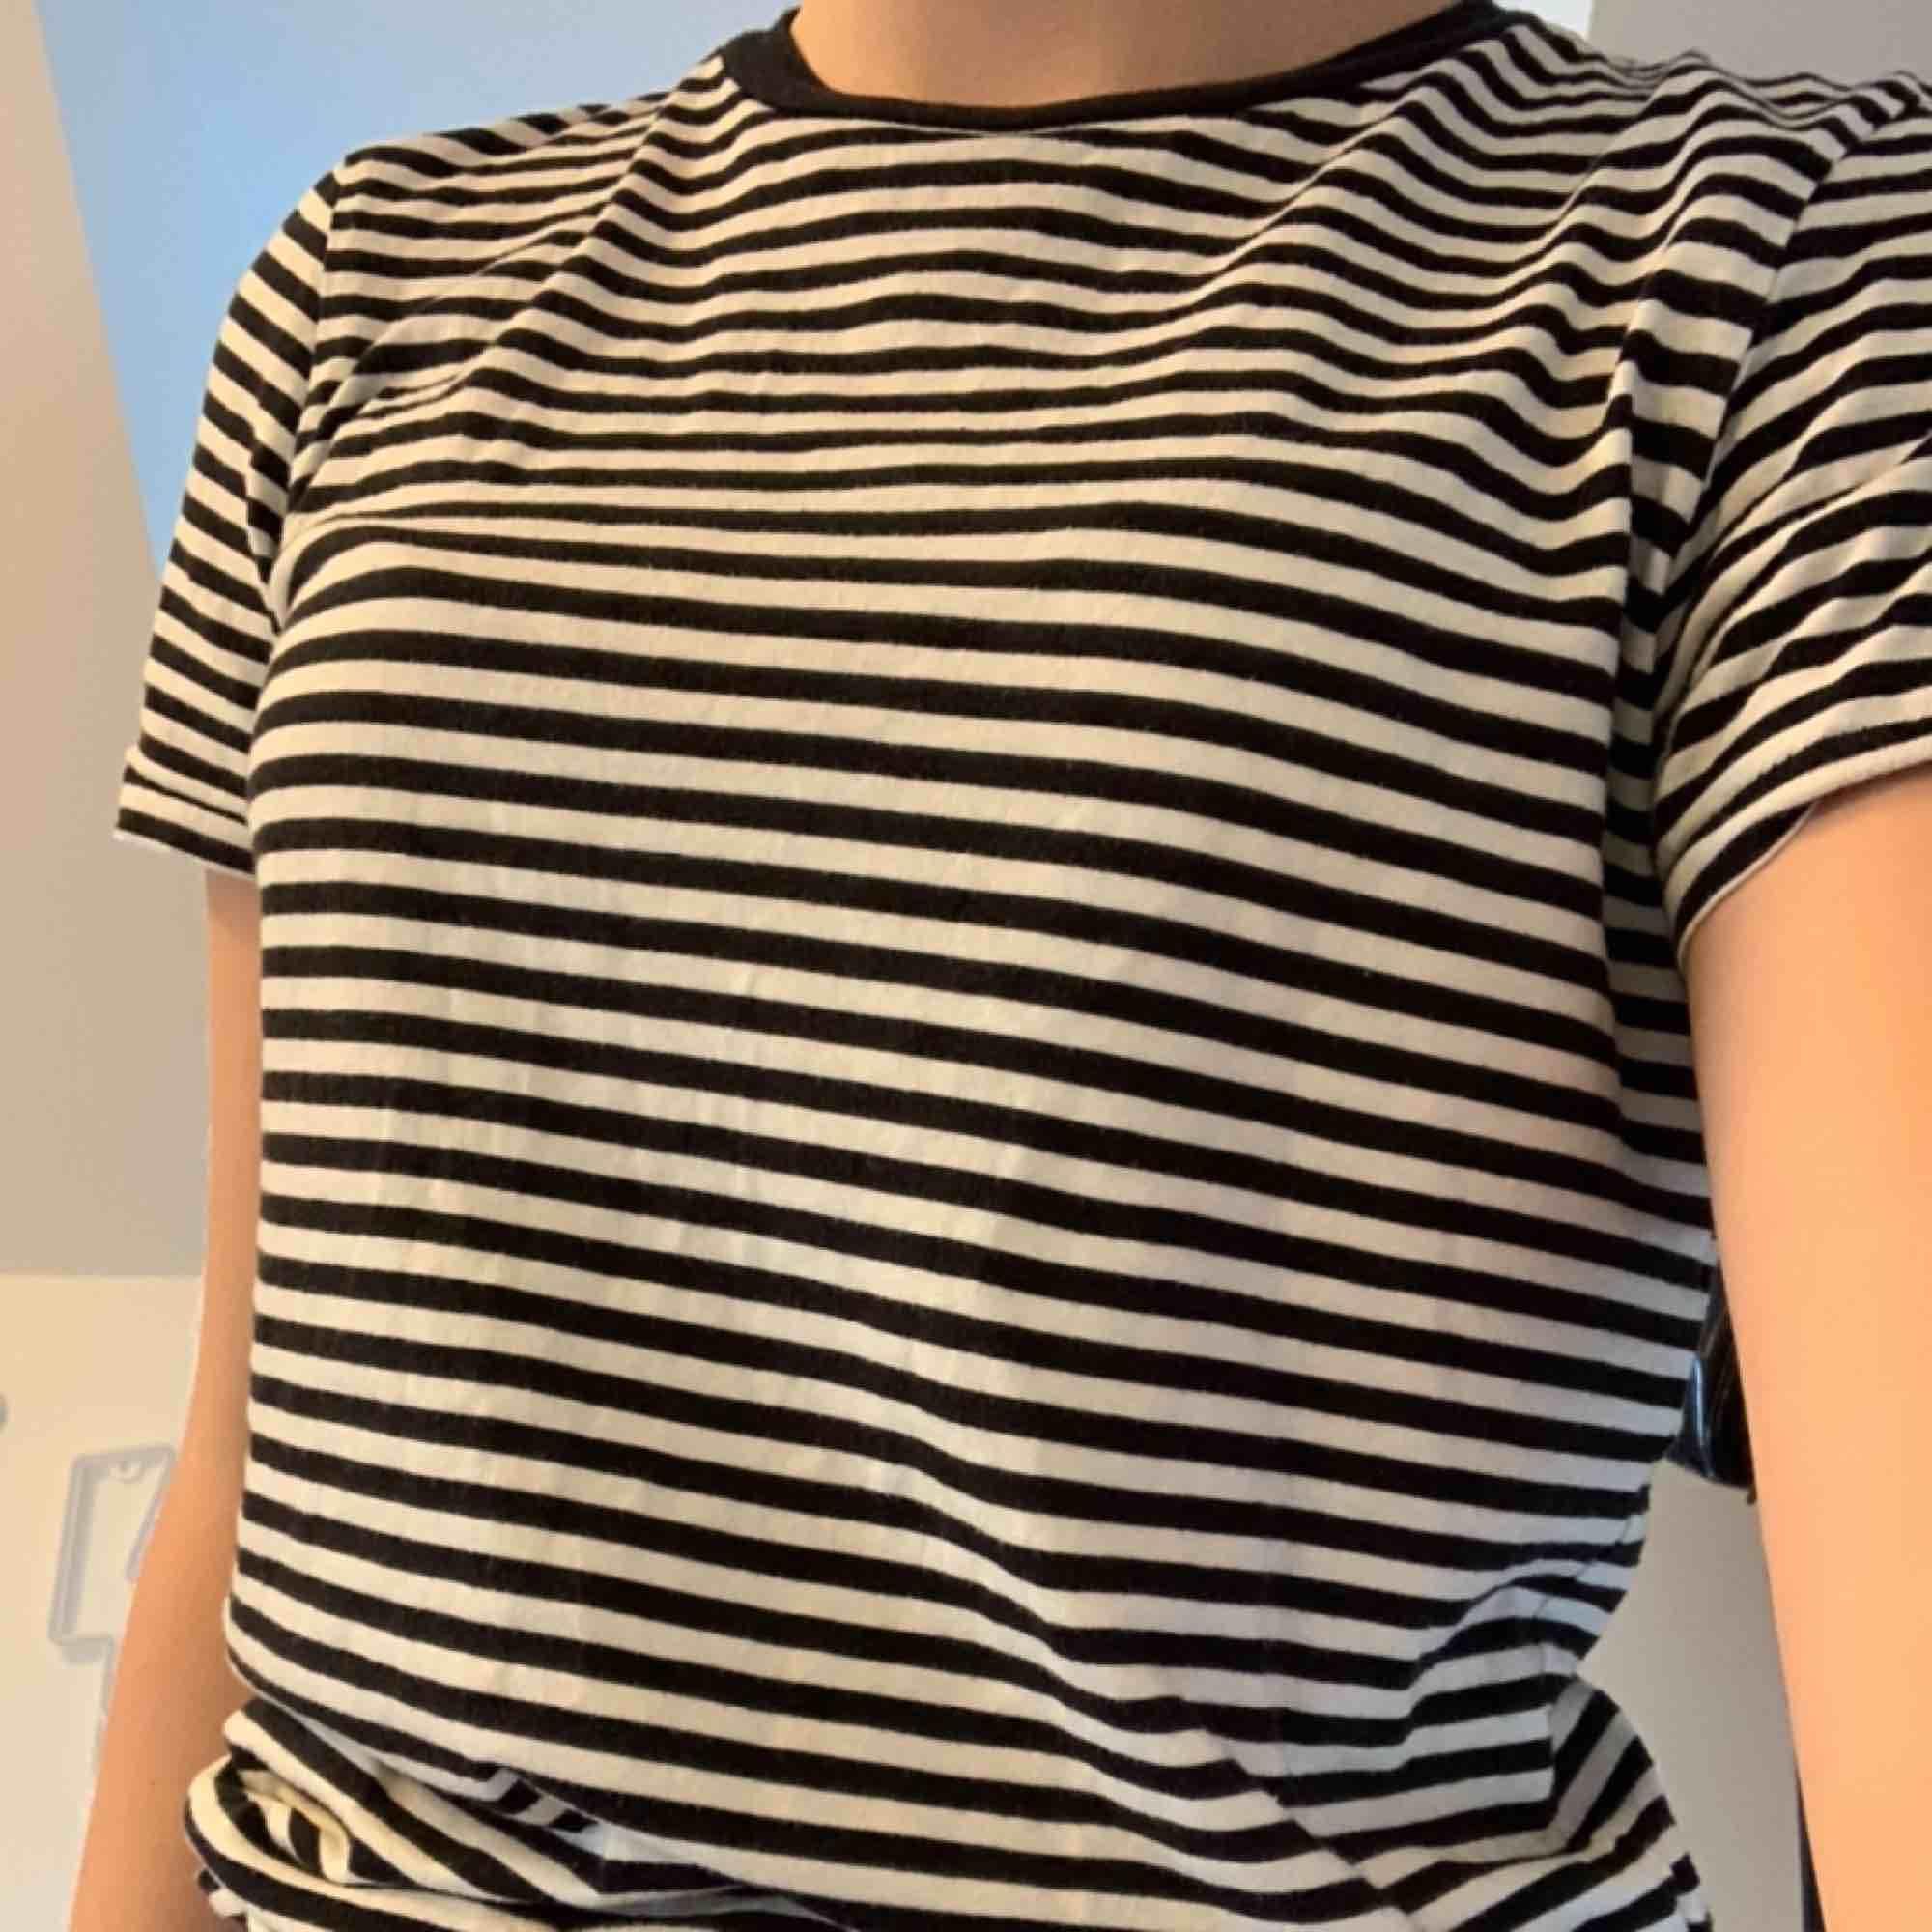 Randig t-shirt superfin och bra kvalité. T-shirts.